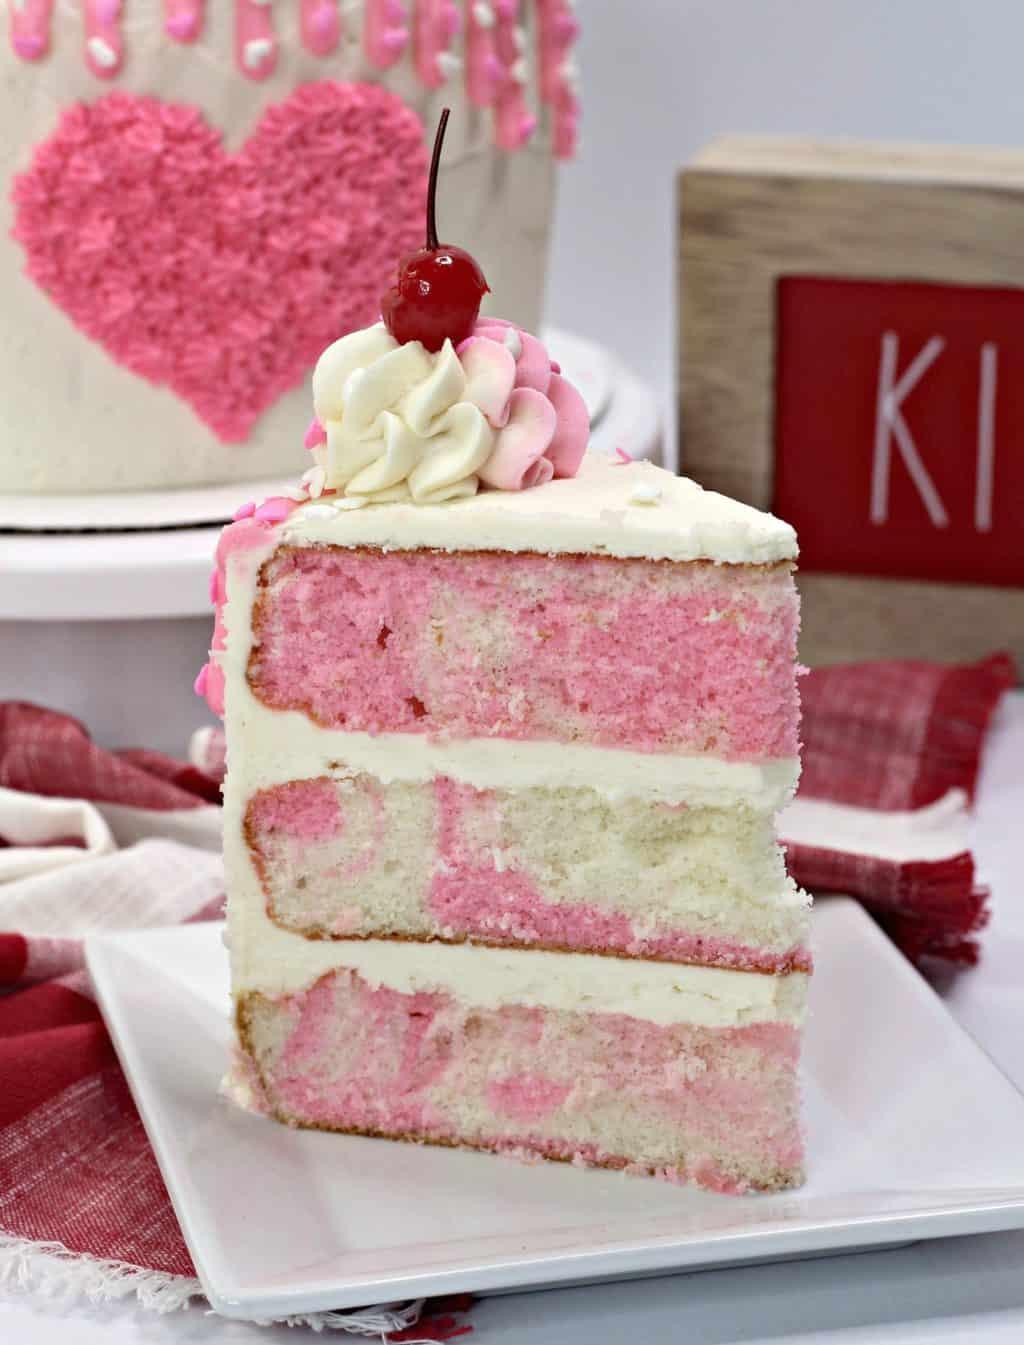 Valentines Day ice cream cake